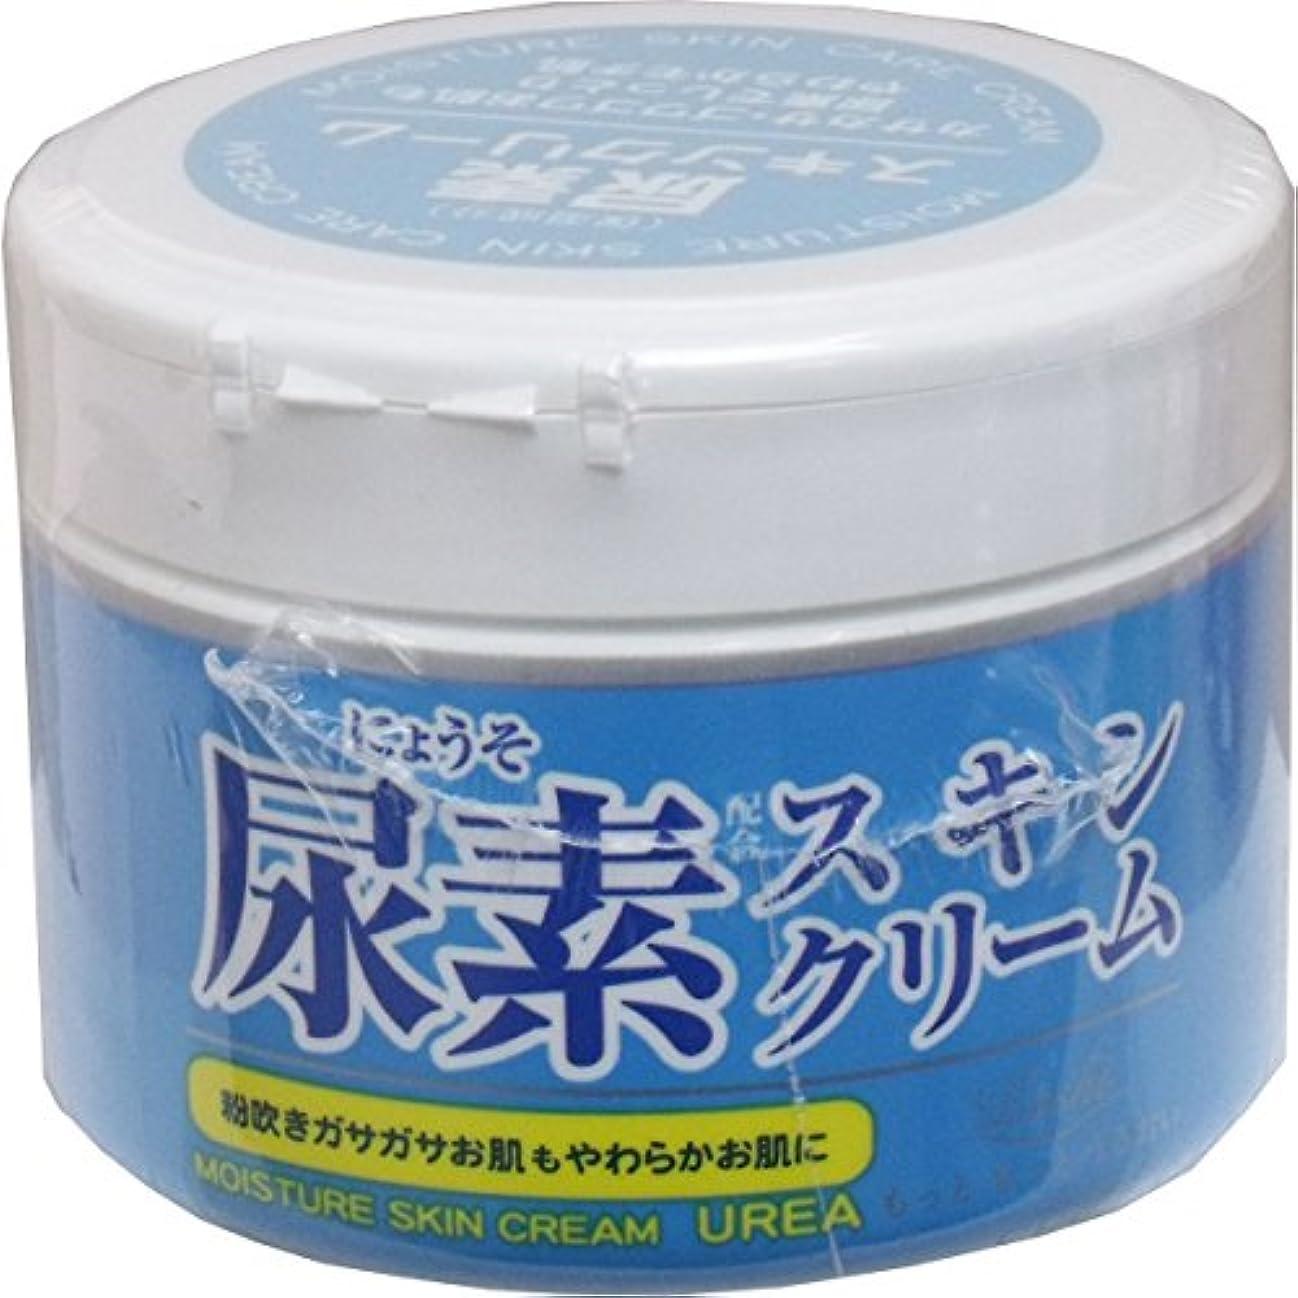 広大なめるブルロッシモイストエイド 尿素スキンクリーム 220g